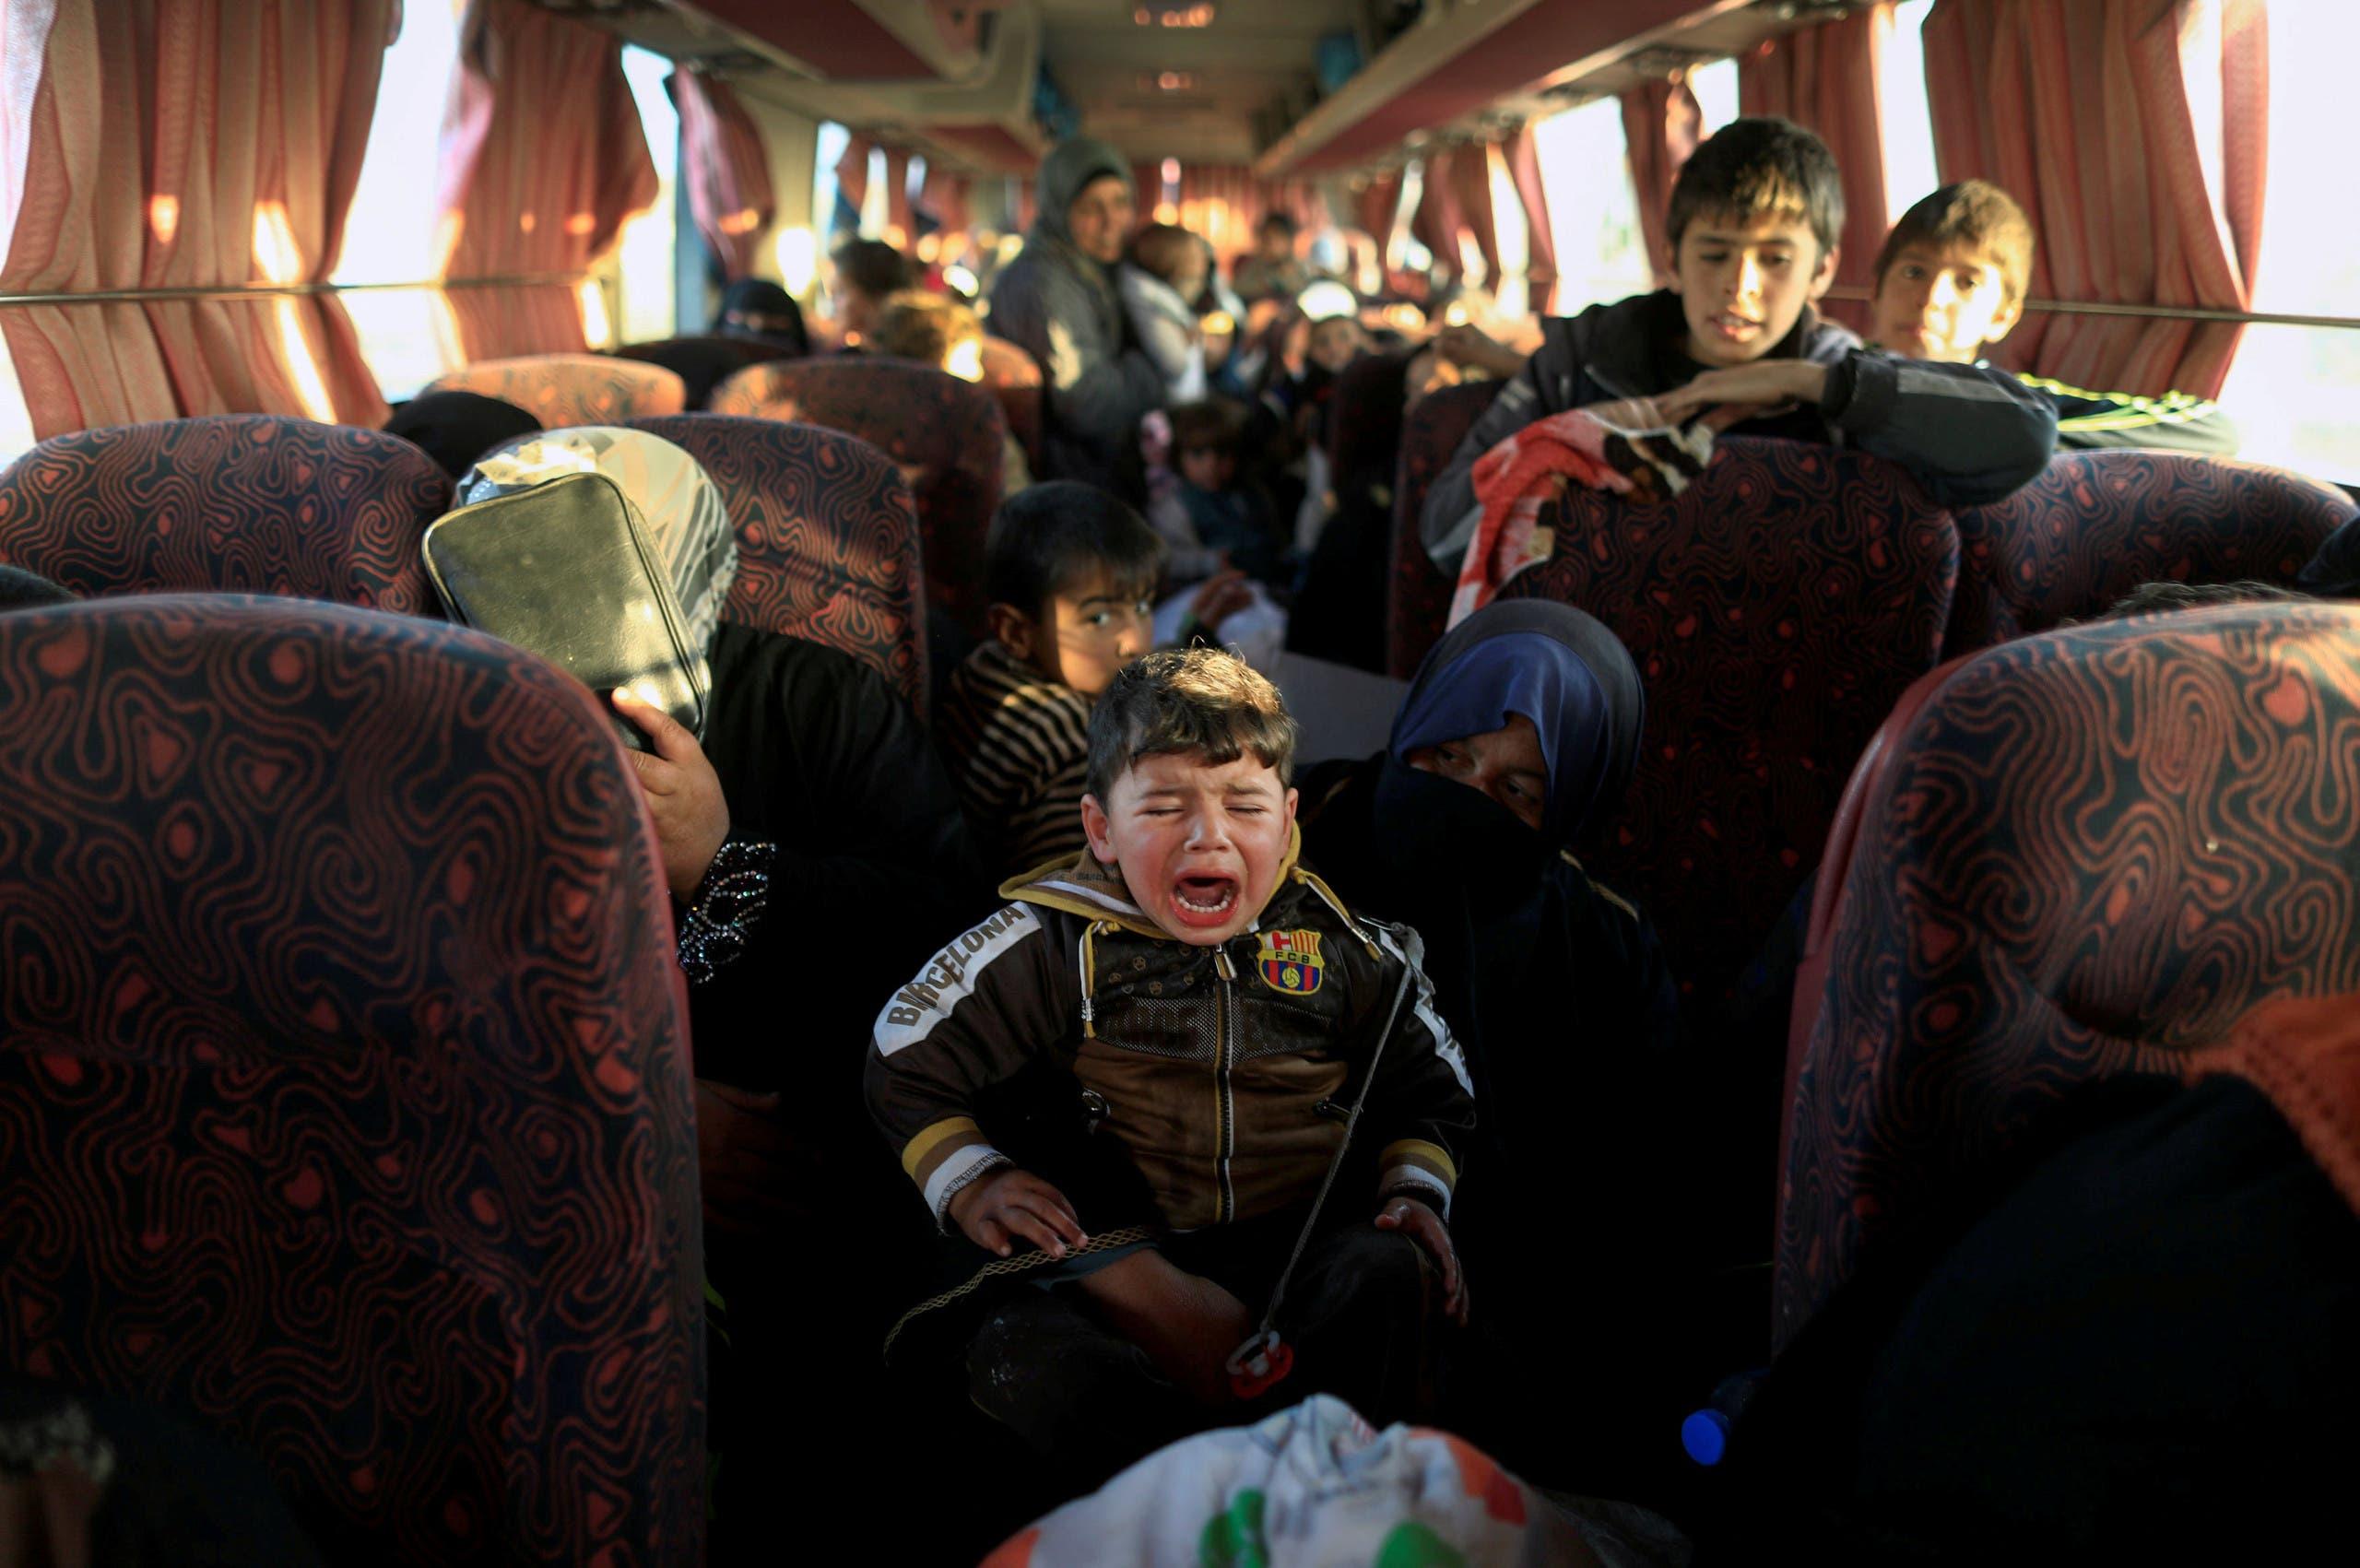 موصل میں لڑائی کے نتیجے میں شہری اپنا گھر بار چھوڑ کر محفوظ مقامات کی جانب جارہے ہیں۔